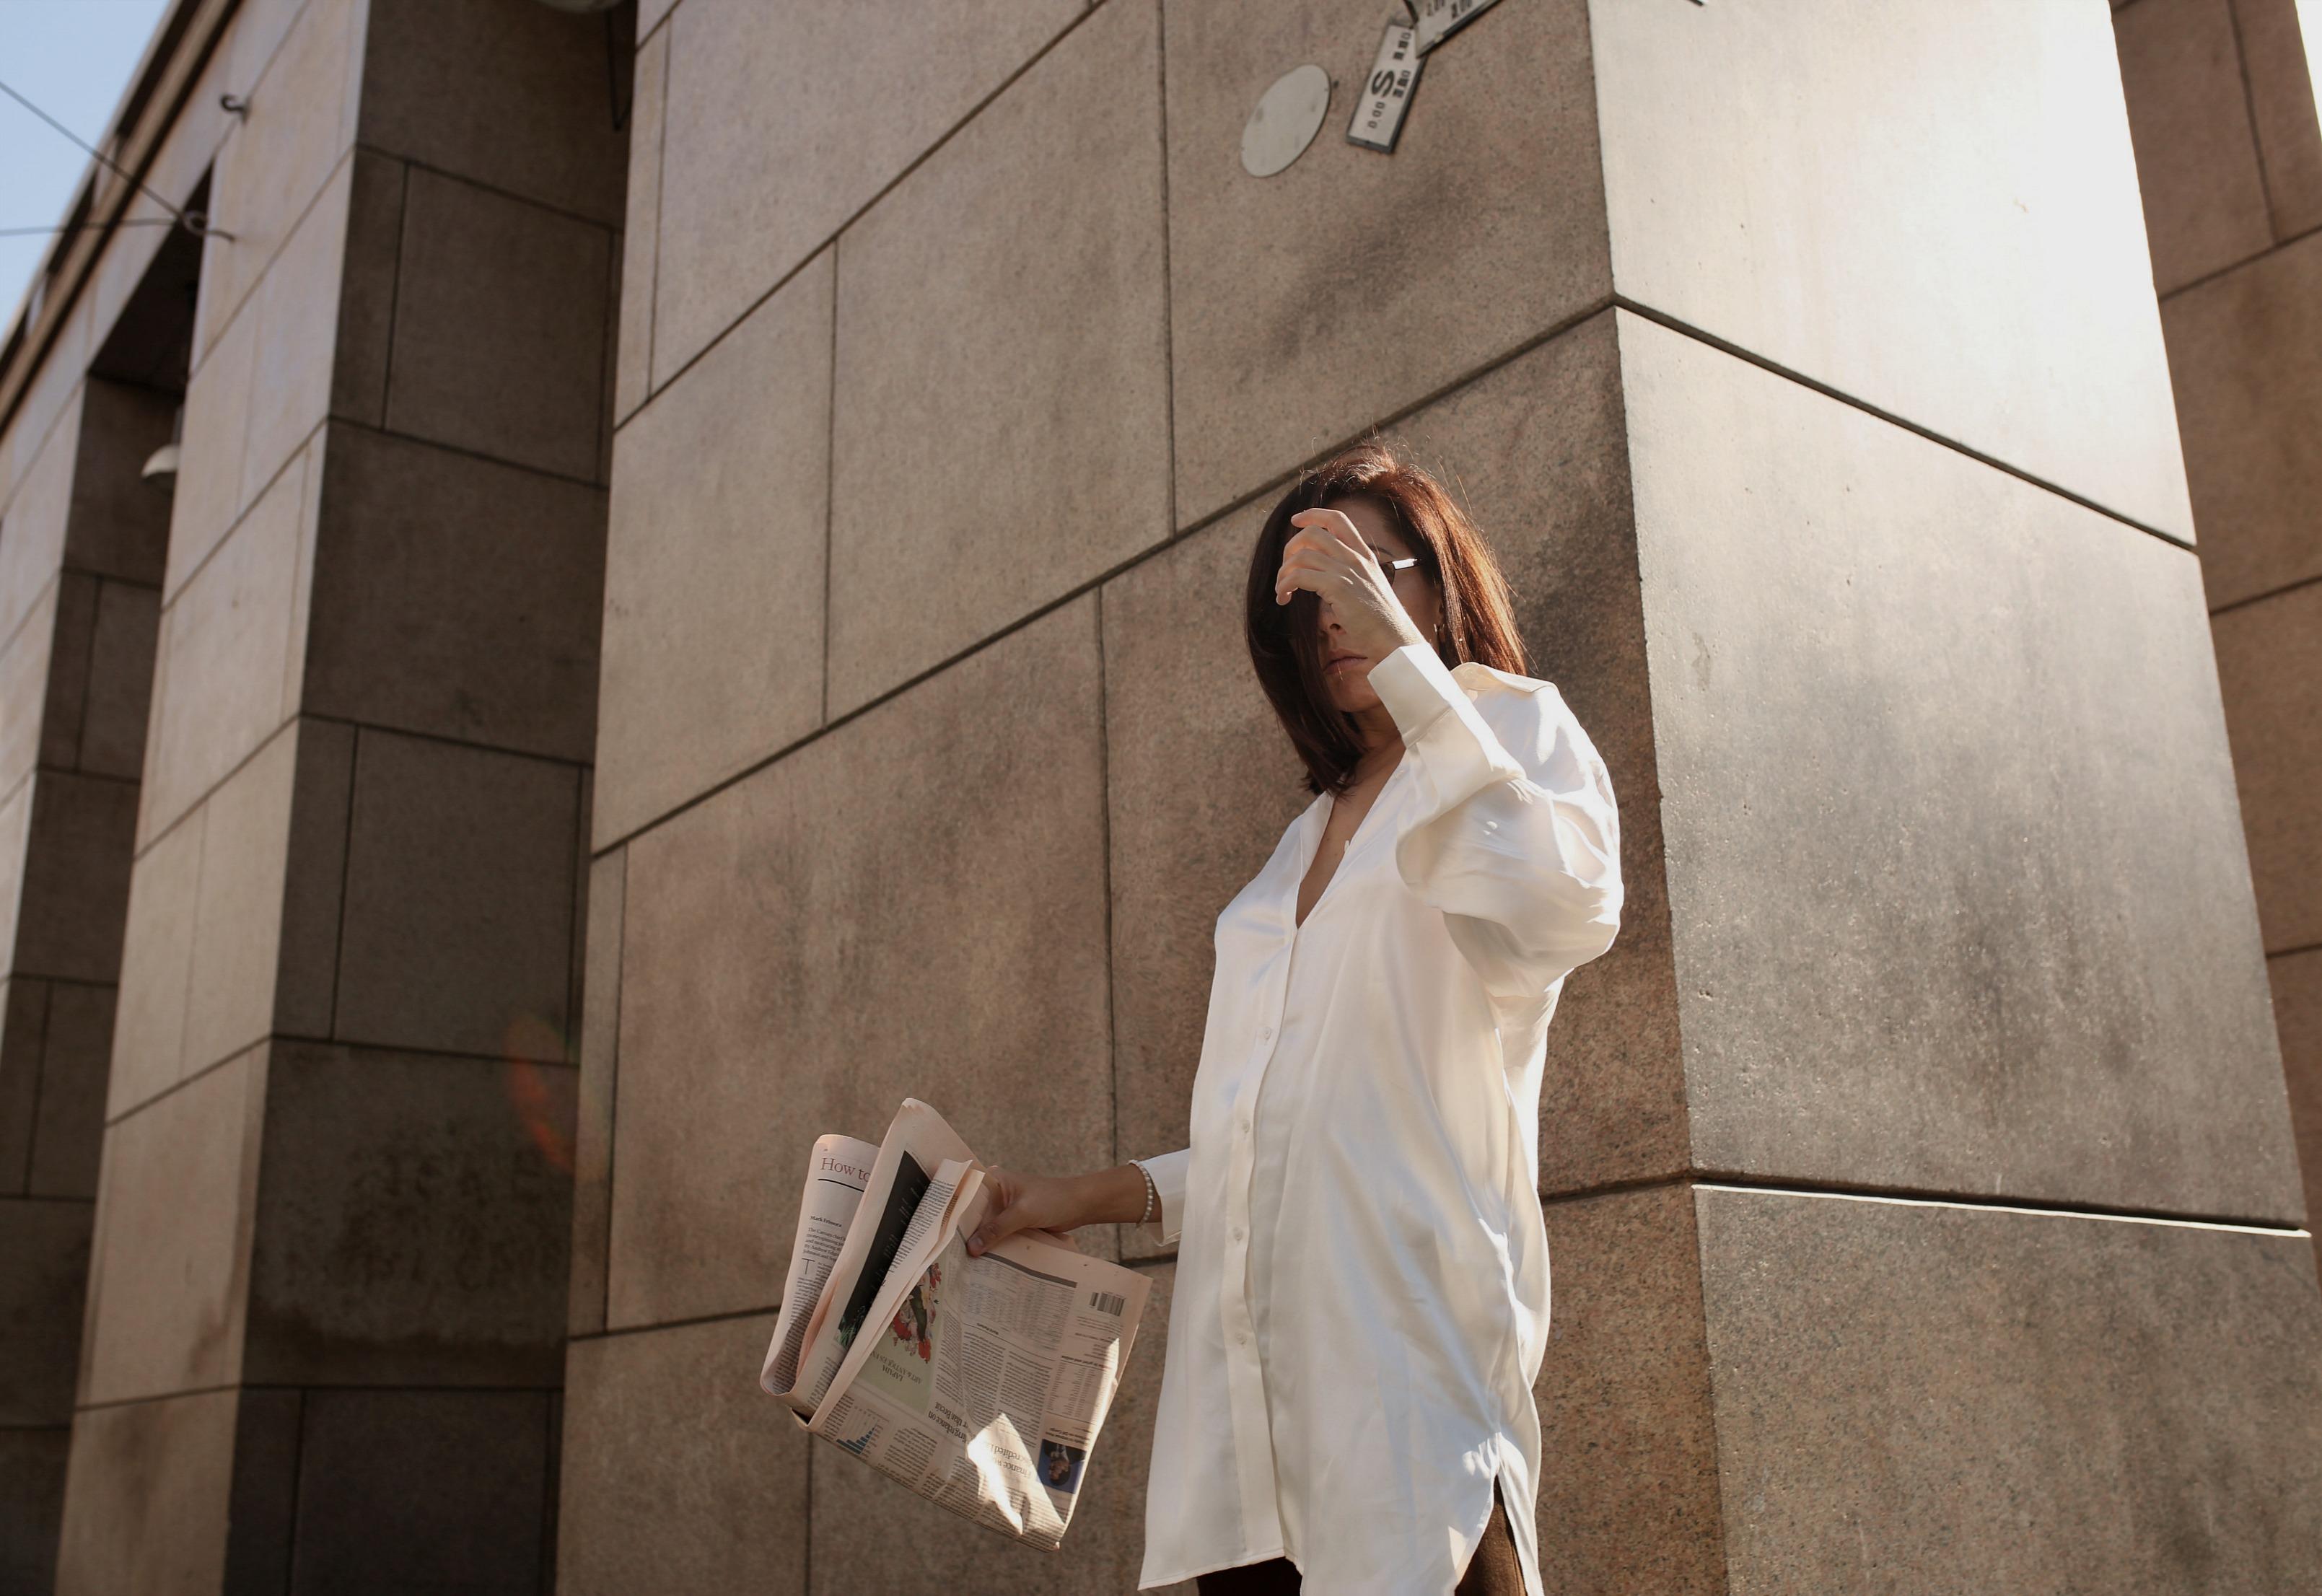 fashion blogger, minimal style blogger, come vestirsi milano lavoro, come vestirsi lavoro autunno, come vestirsi aperitivo milano, come vestirsi bene 2019, come vestirsi mezze stagioni 2019, cosa andrà di moda autunno inverno 2019, fashion blogger famose italiane 2019, minimal style blogger 2019, blogger lusso milano 2019